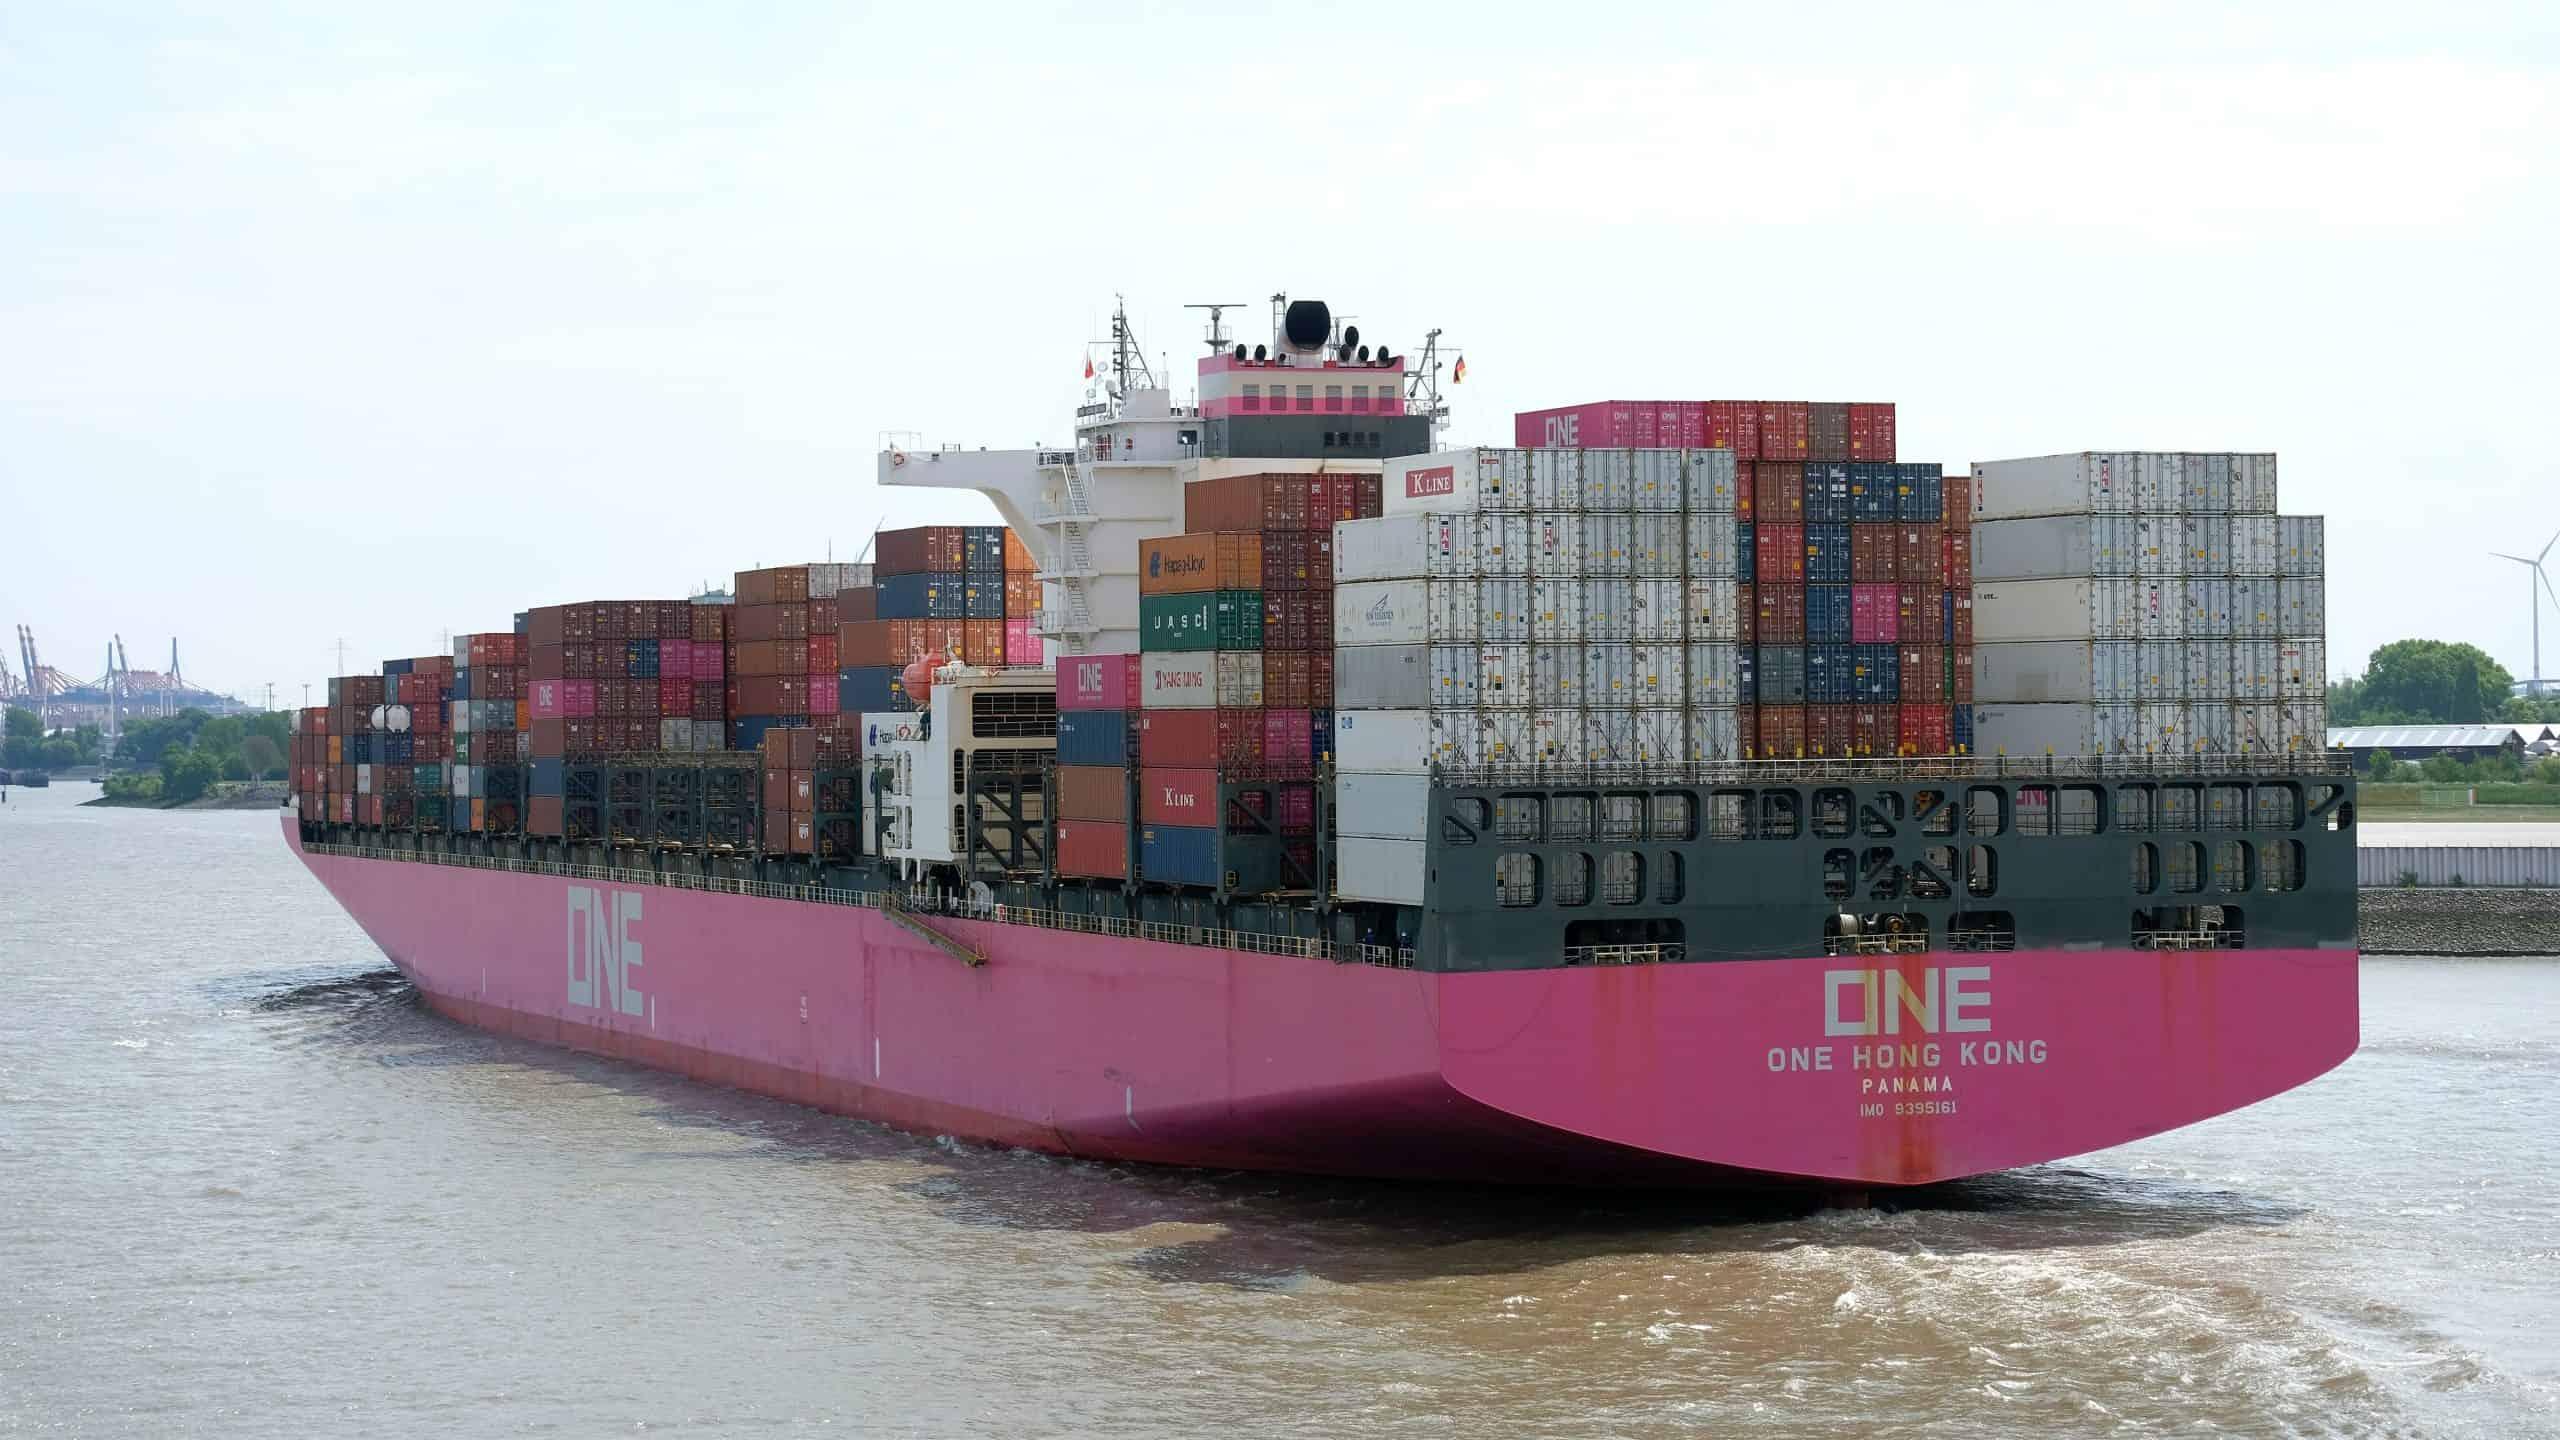 Ocean Network Express ONE cargo ship